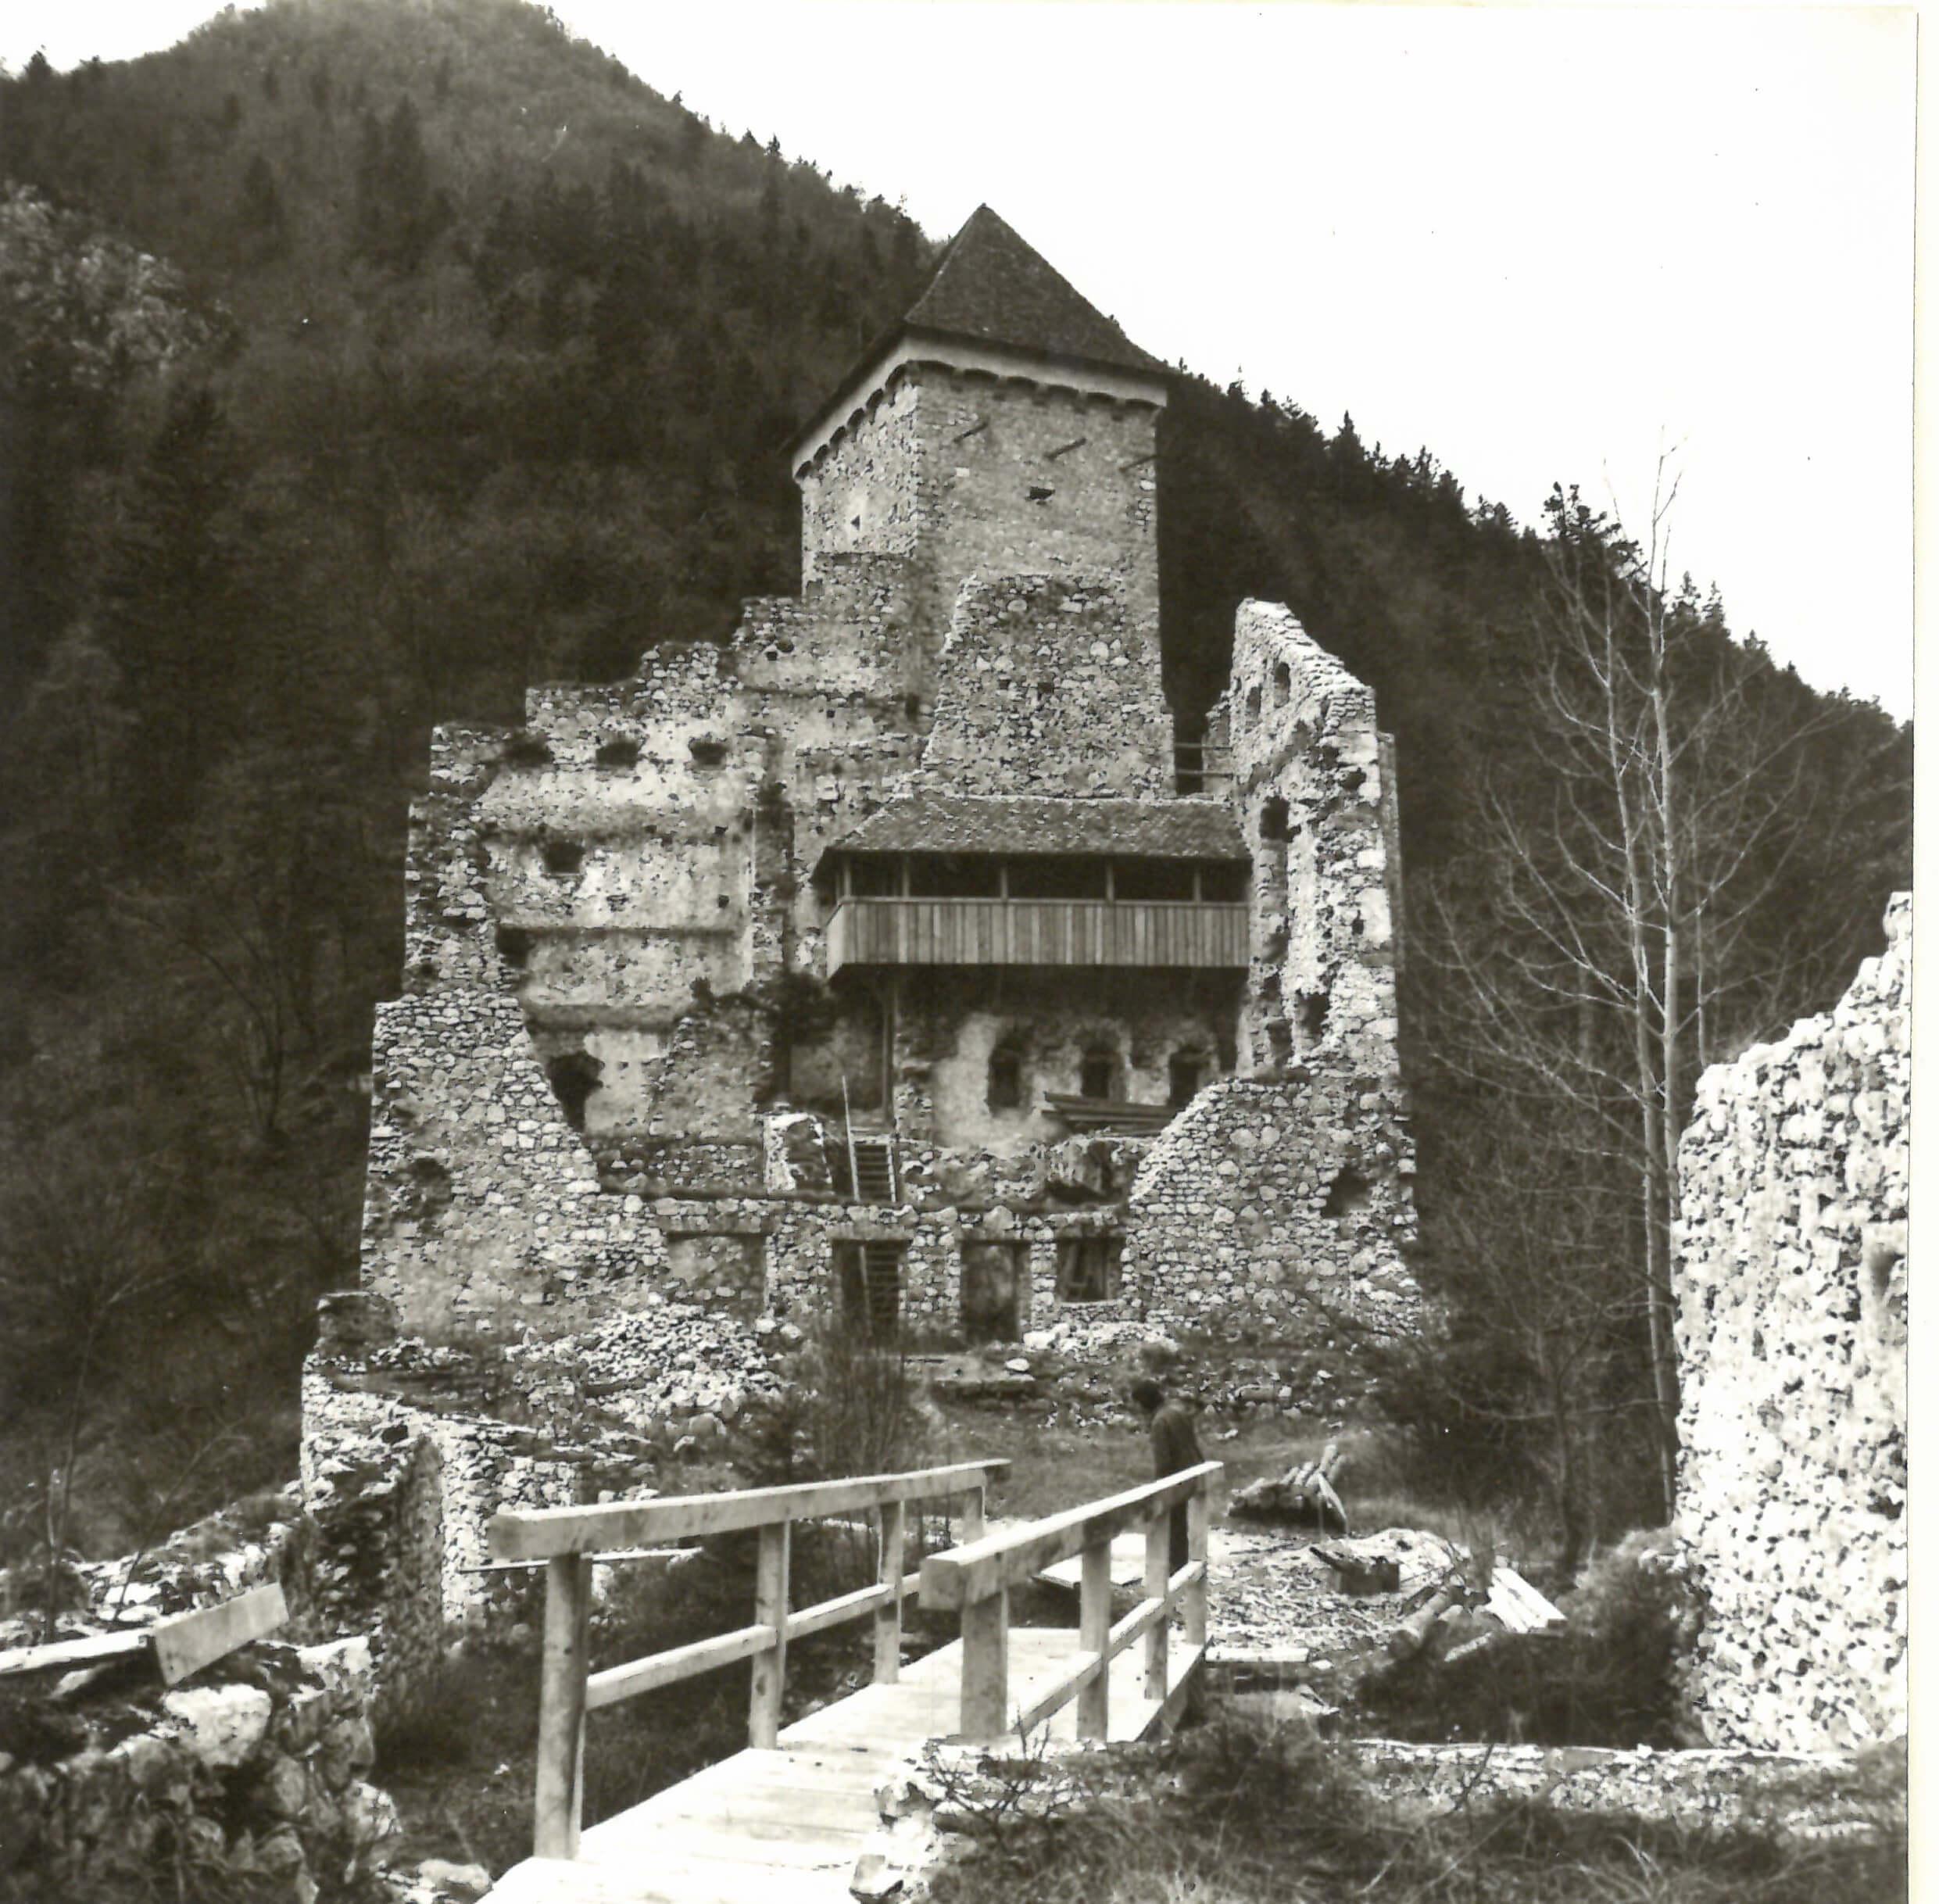 grad Kamen v Begunjah na Gorenjskem, leseni most nad prvim obrambnim jarkom, foto Peter Fister,1974